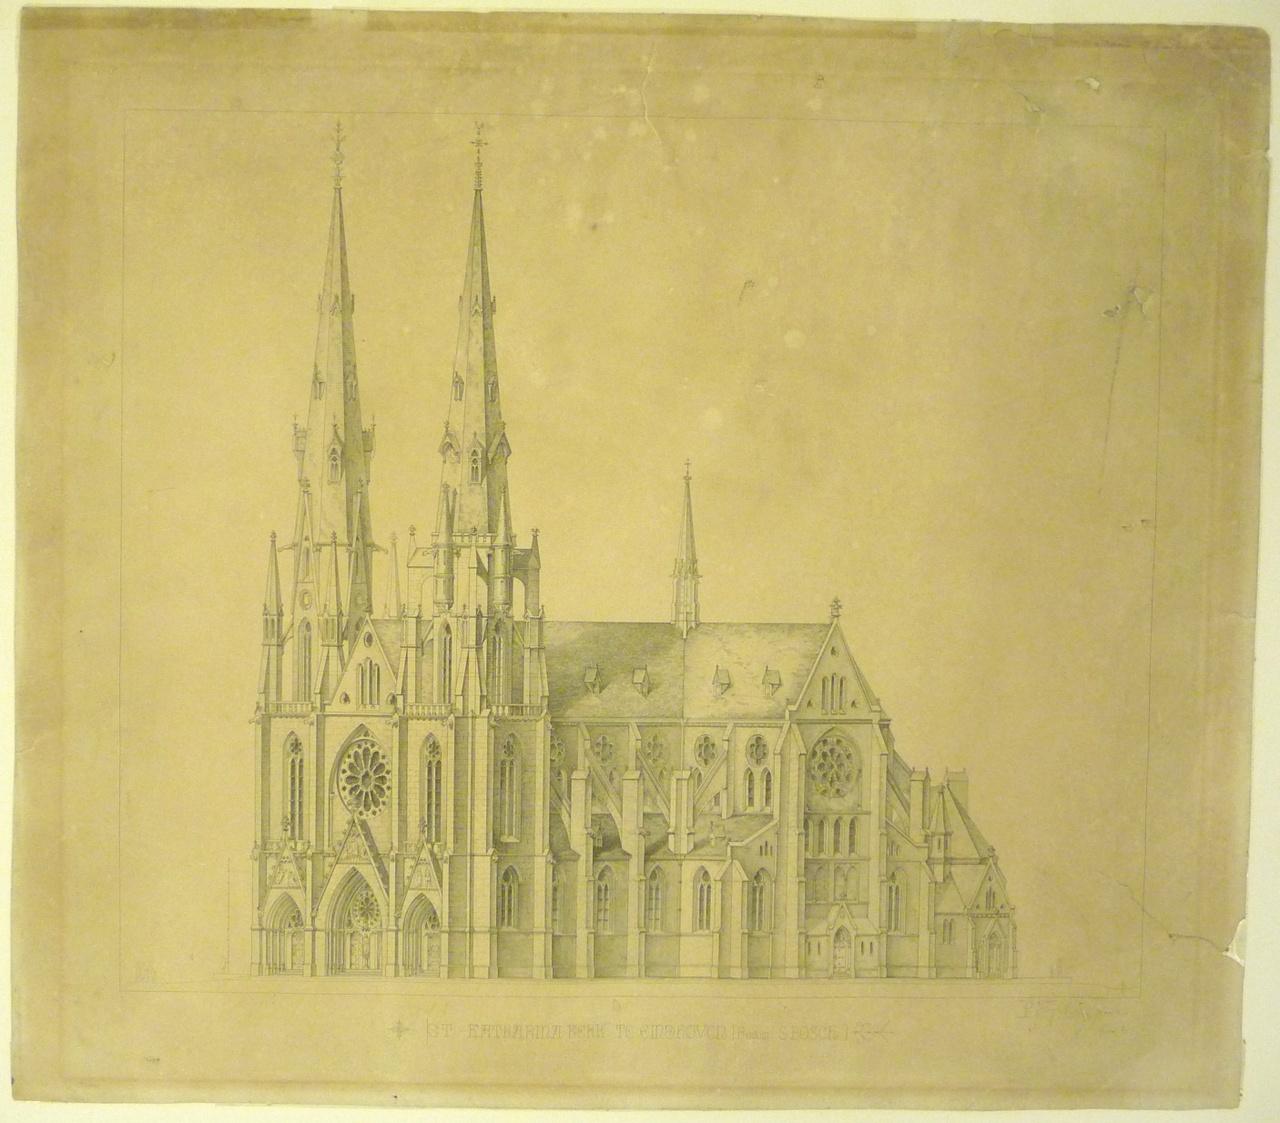 Reproduktie van een ontwerptekening van de St. Catharinakerk te Eindhoven